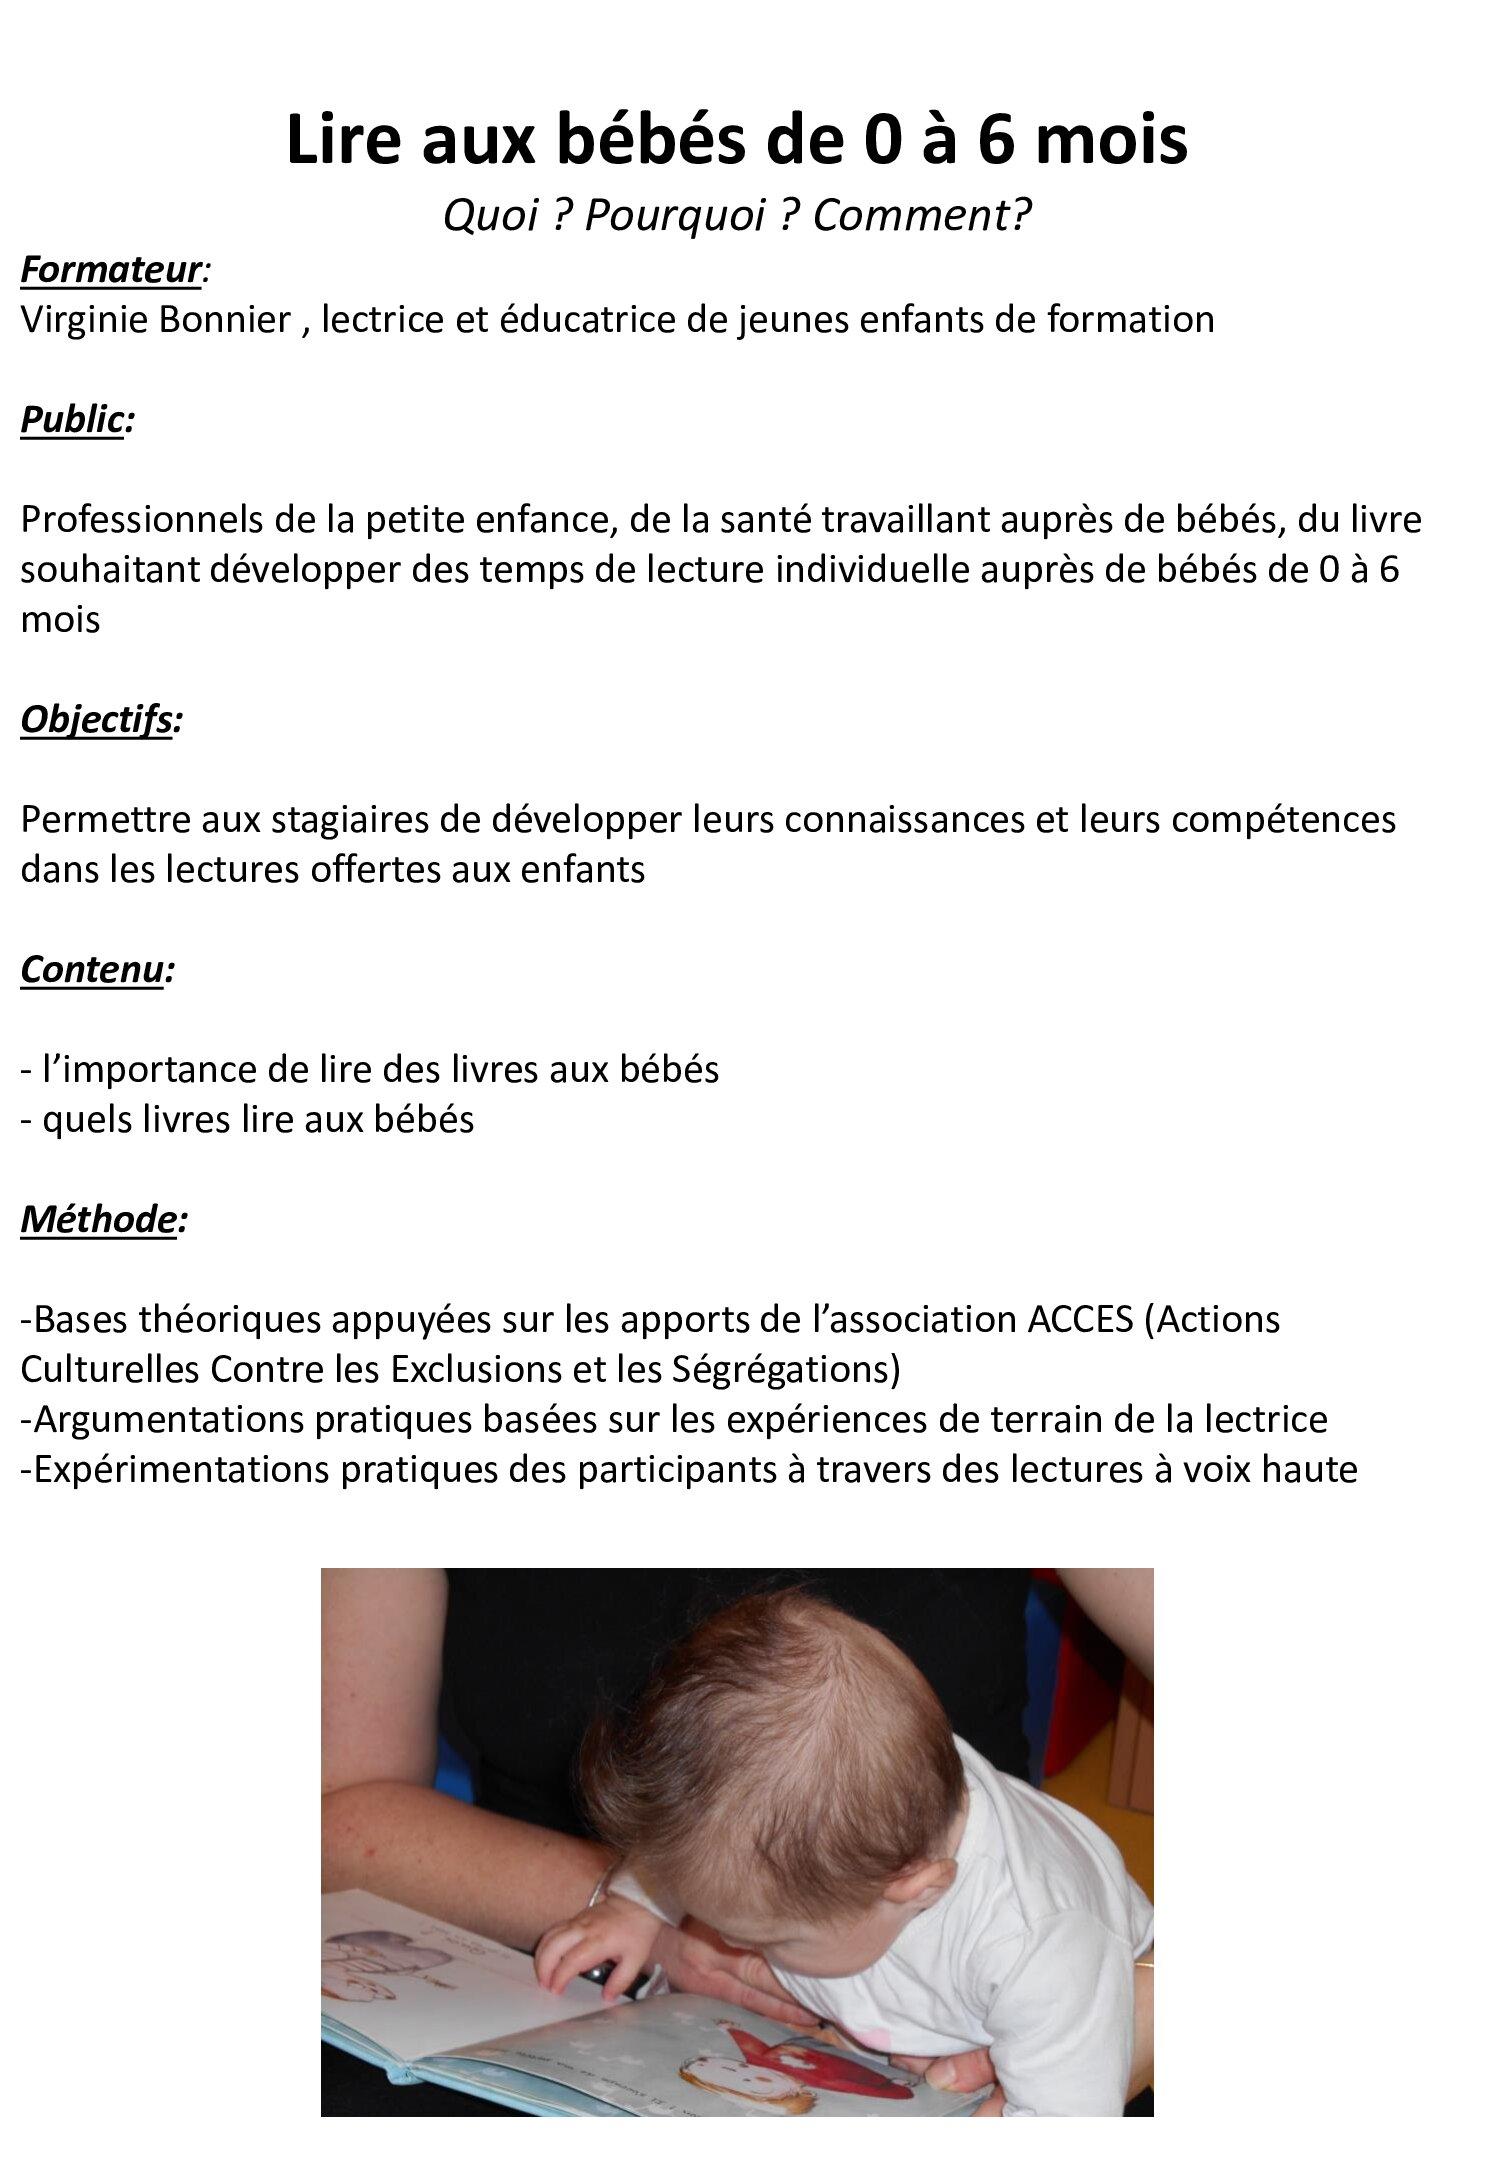 Ninie et Compagnie - Formations - Lire aux bébés de 0 à 6 mois